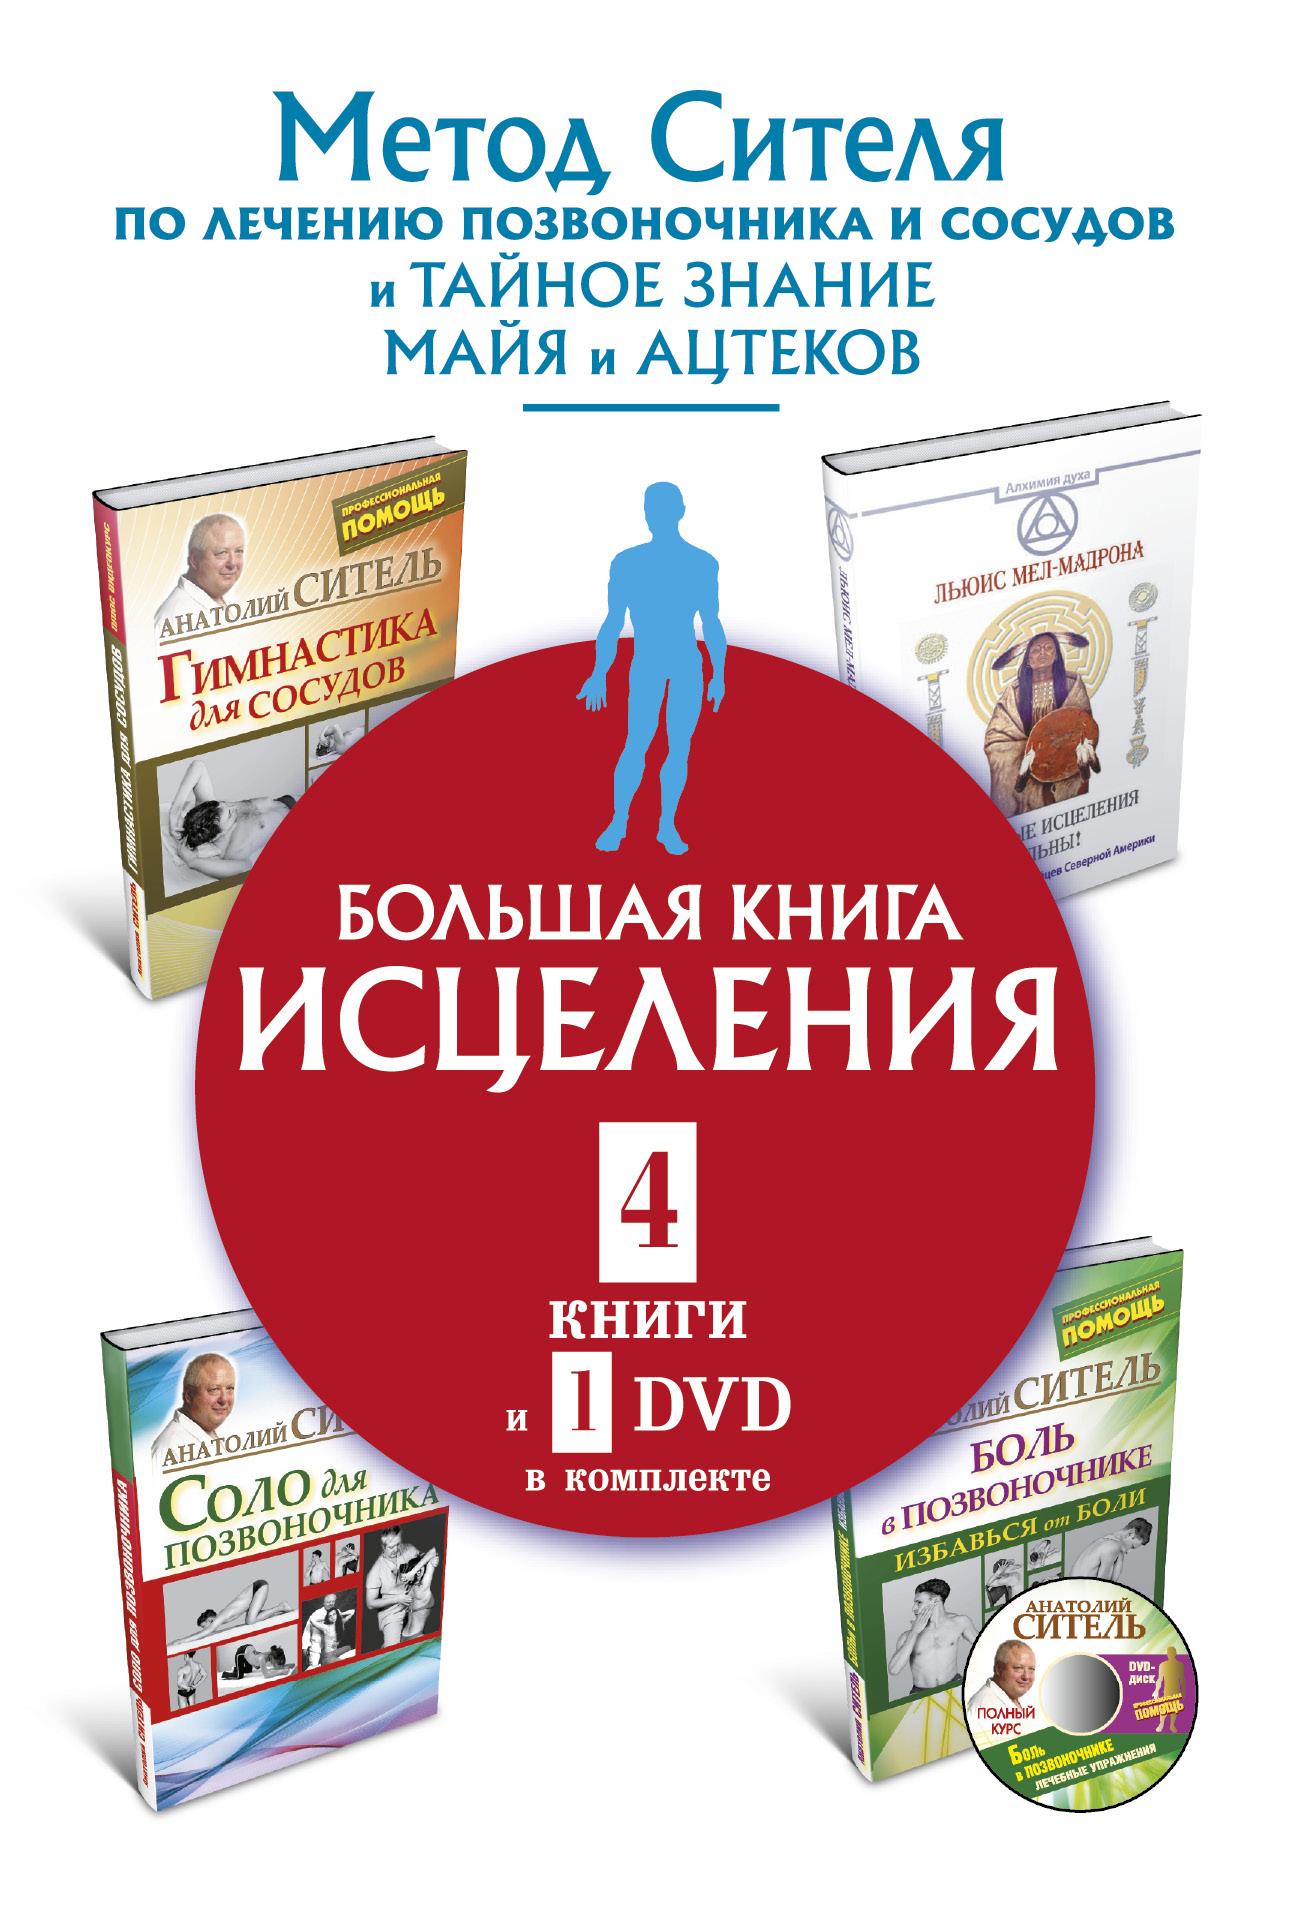 Анатолий Ситель Большая книга исцеления (комплект из 4 книг + DVD) красавица и чудовище dvd книга